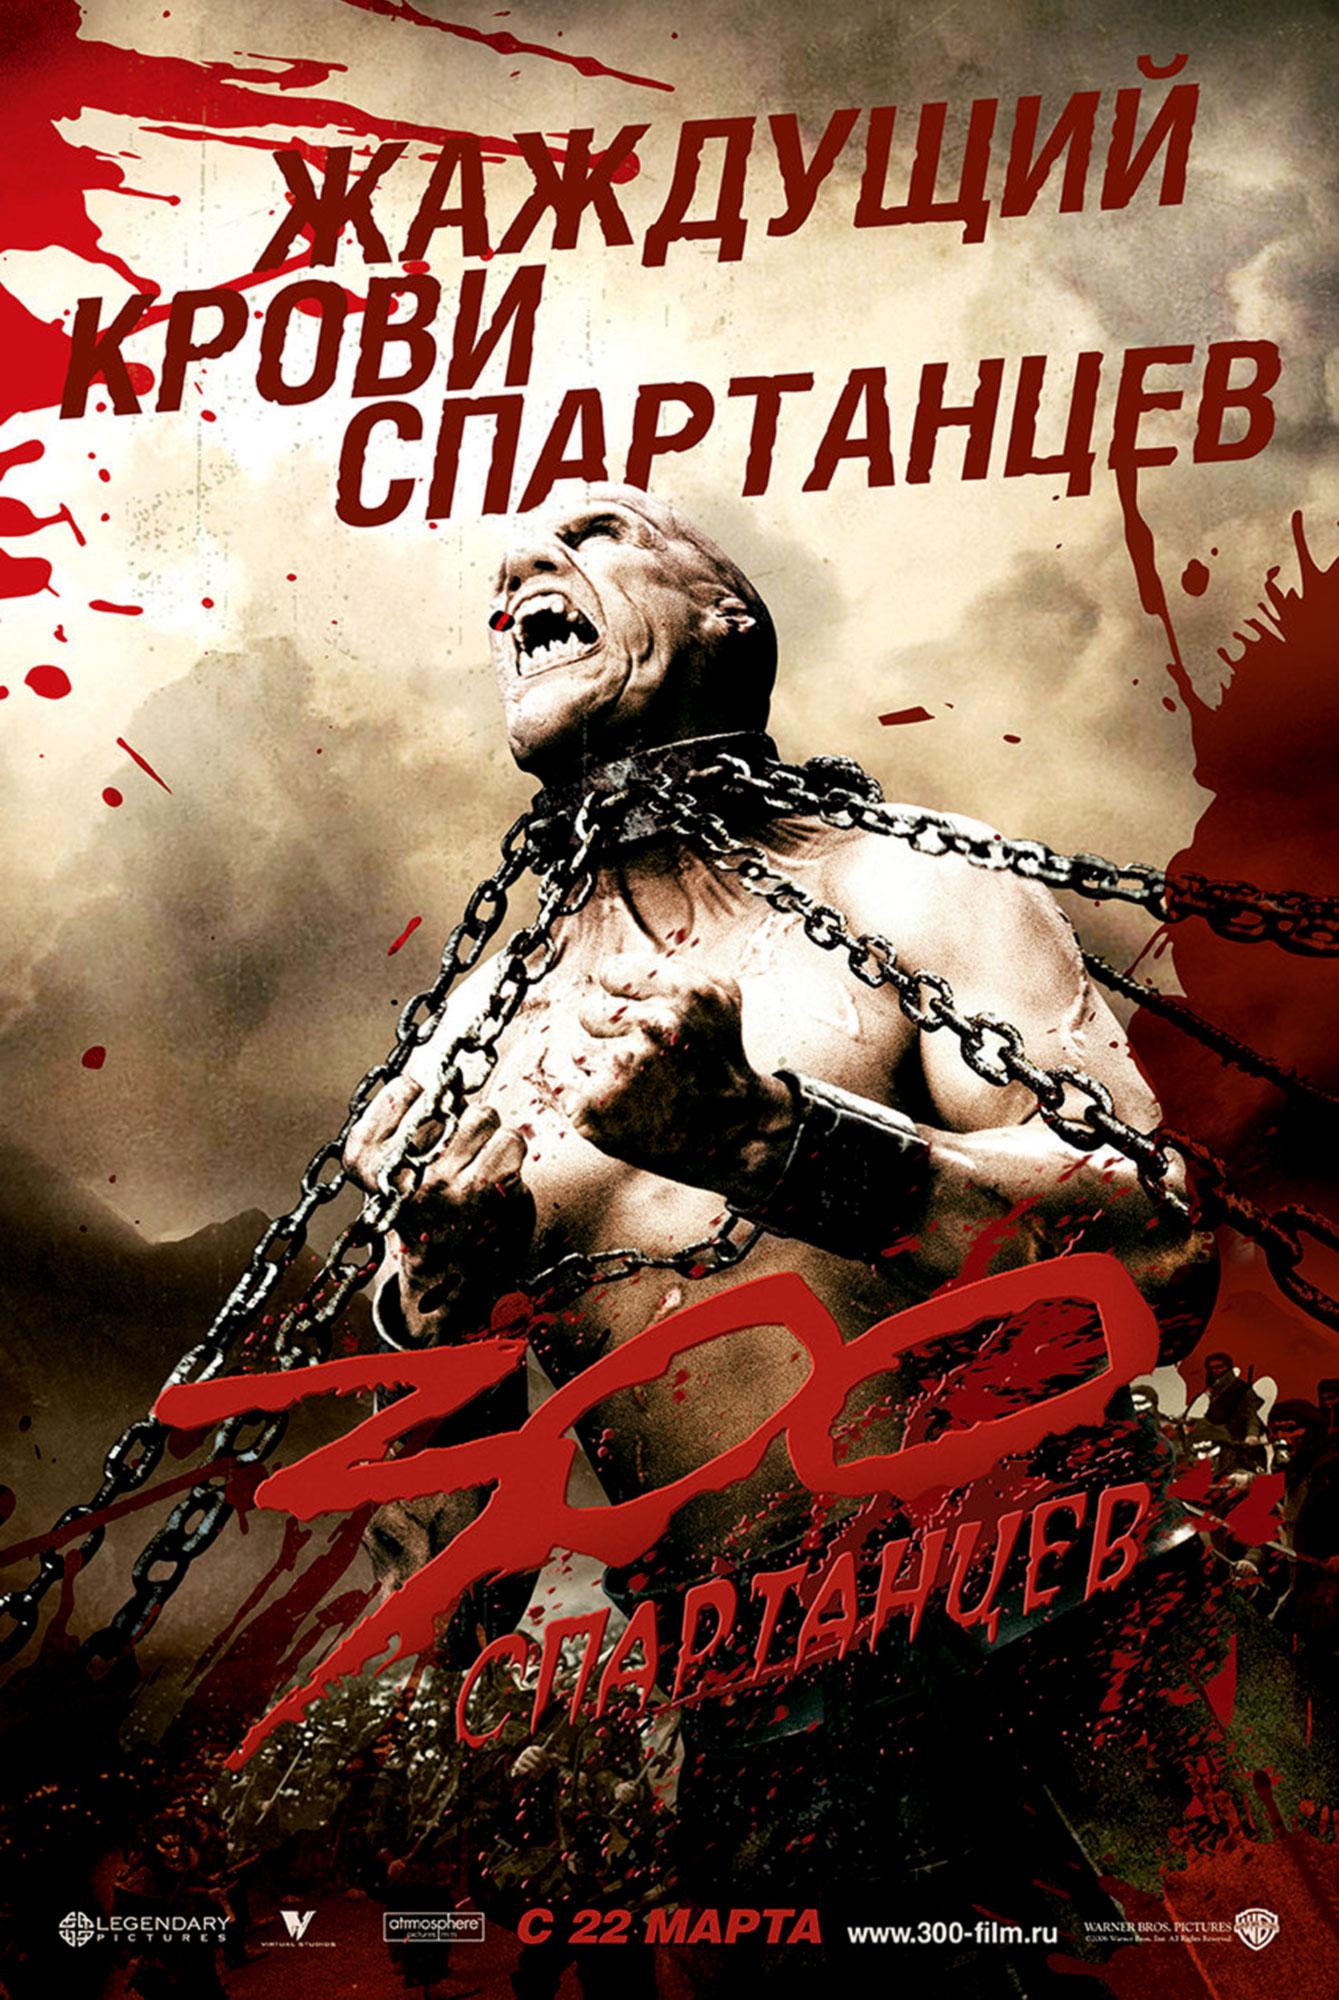 300 Спартанцев Скачать Бесплатно В Хорошем Качестве - file-hosting43